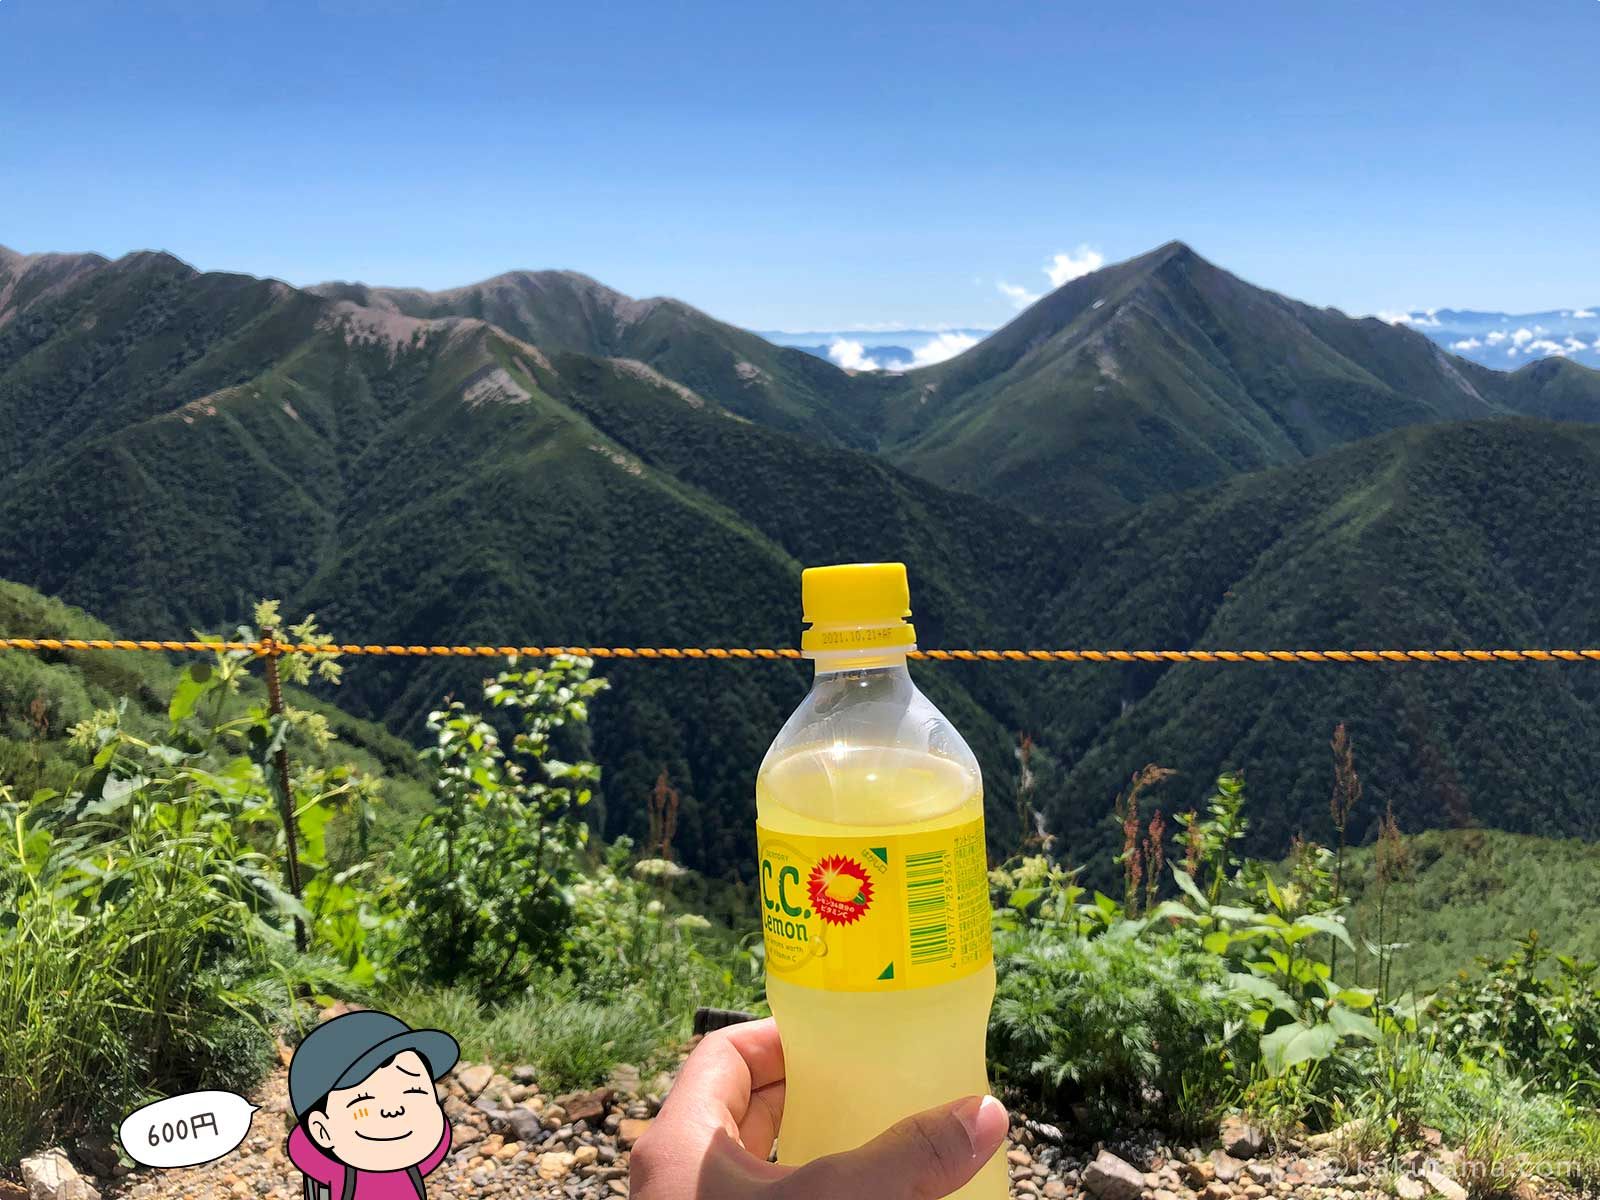 ヒュッテ西岳で買った炭酸ジュース